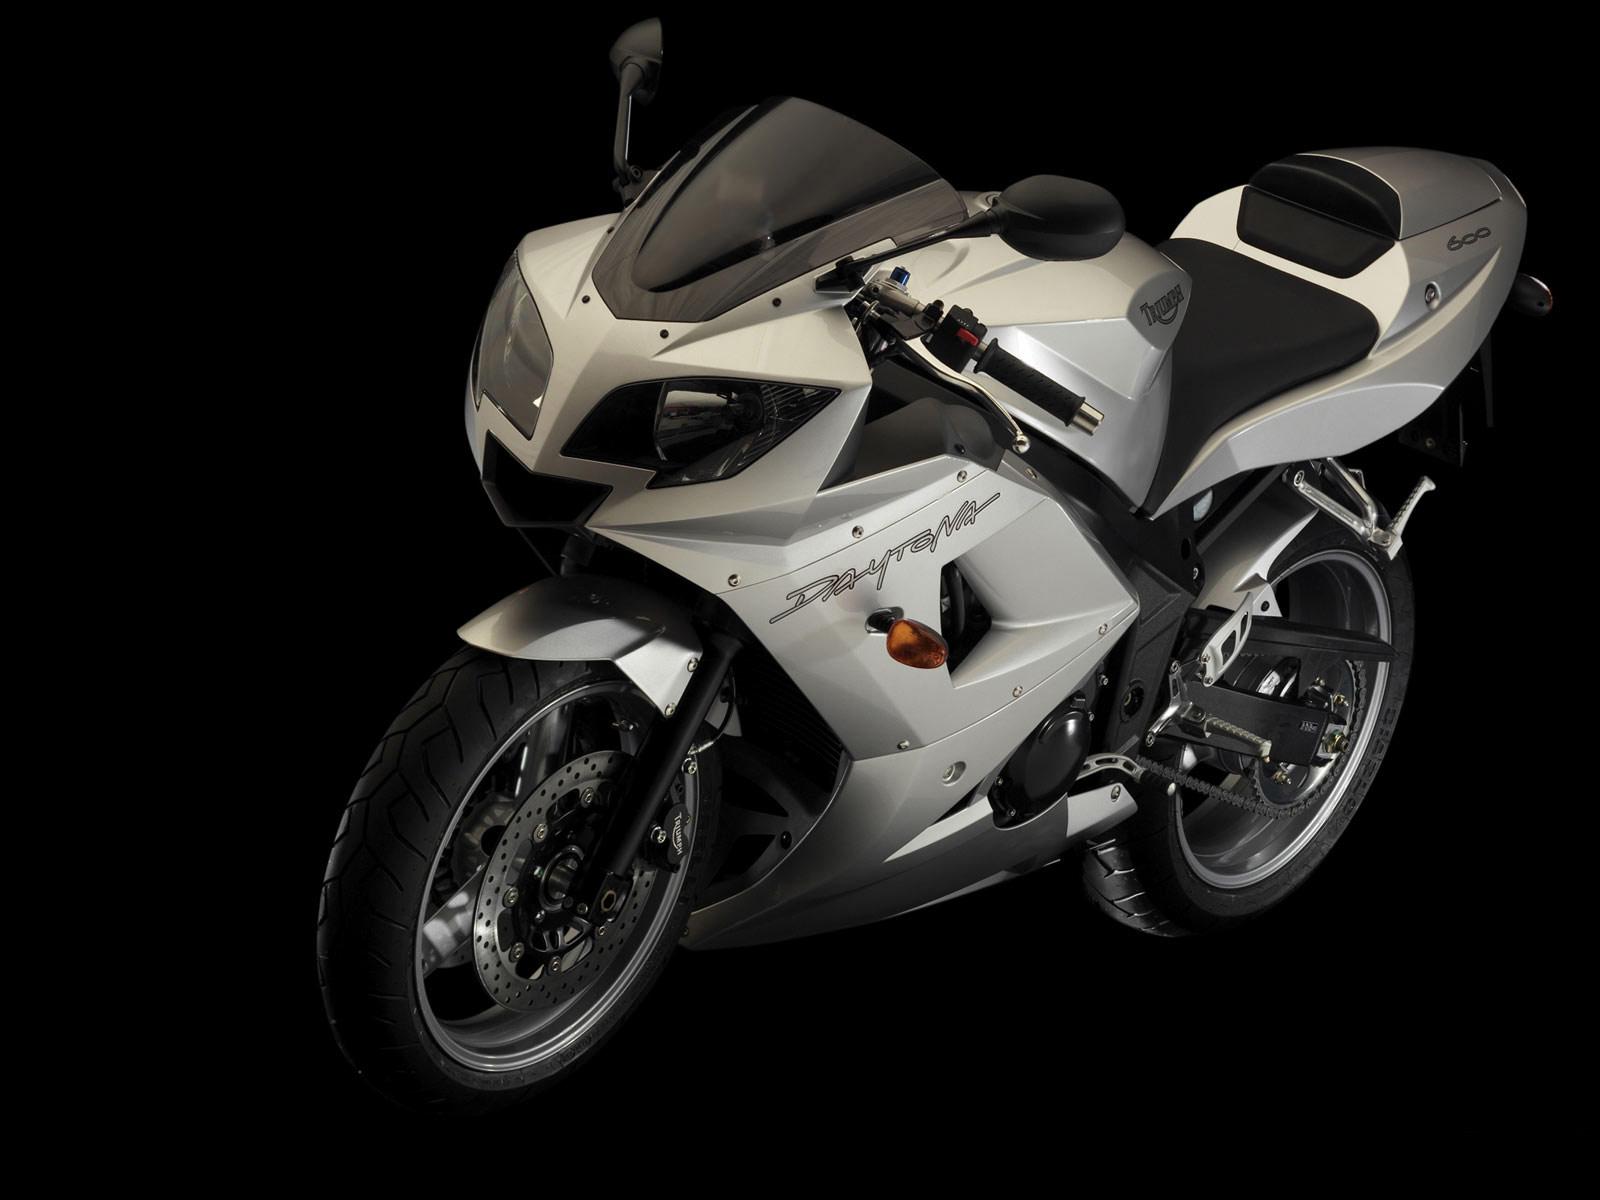 http://4.bp.blogspot.com/-ow_xGos4Yfw/TohUFr-QN1I/AAAAAAAABgk/wbGylEN-9_8/s1600/triumph_Daytona-600-2004_motorcycle-desktop-wallpaper_5.jpg